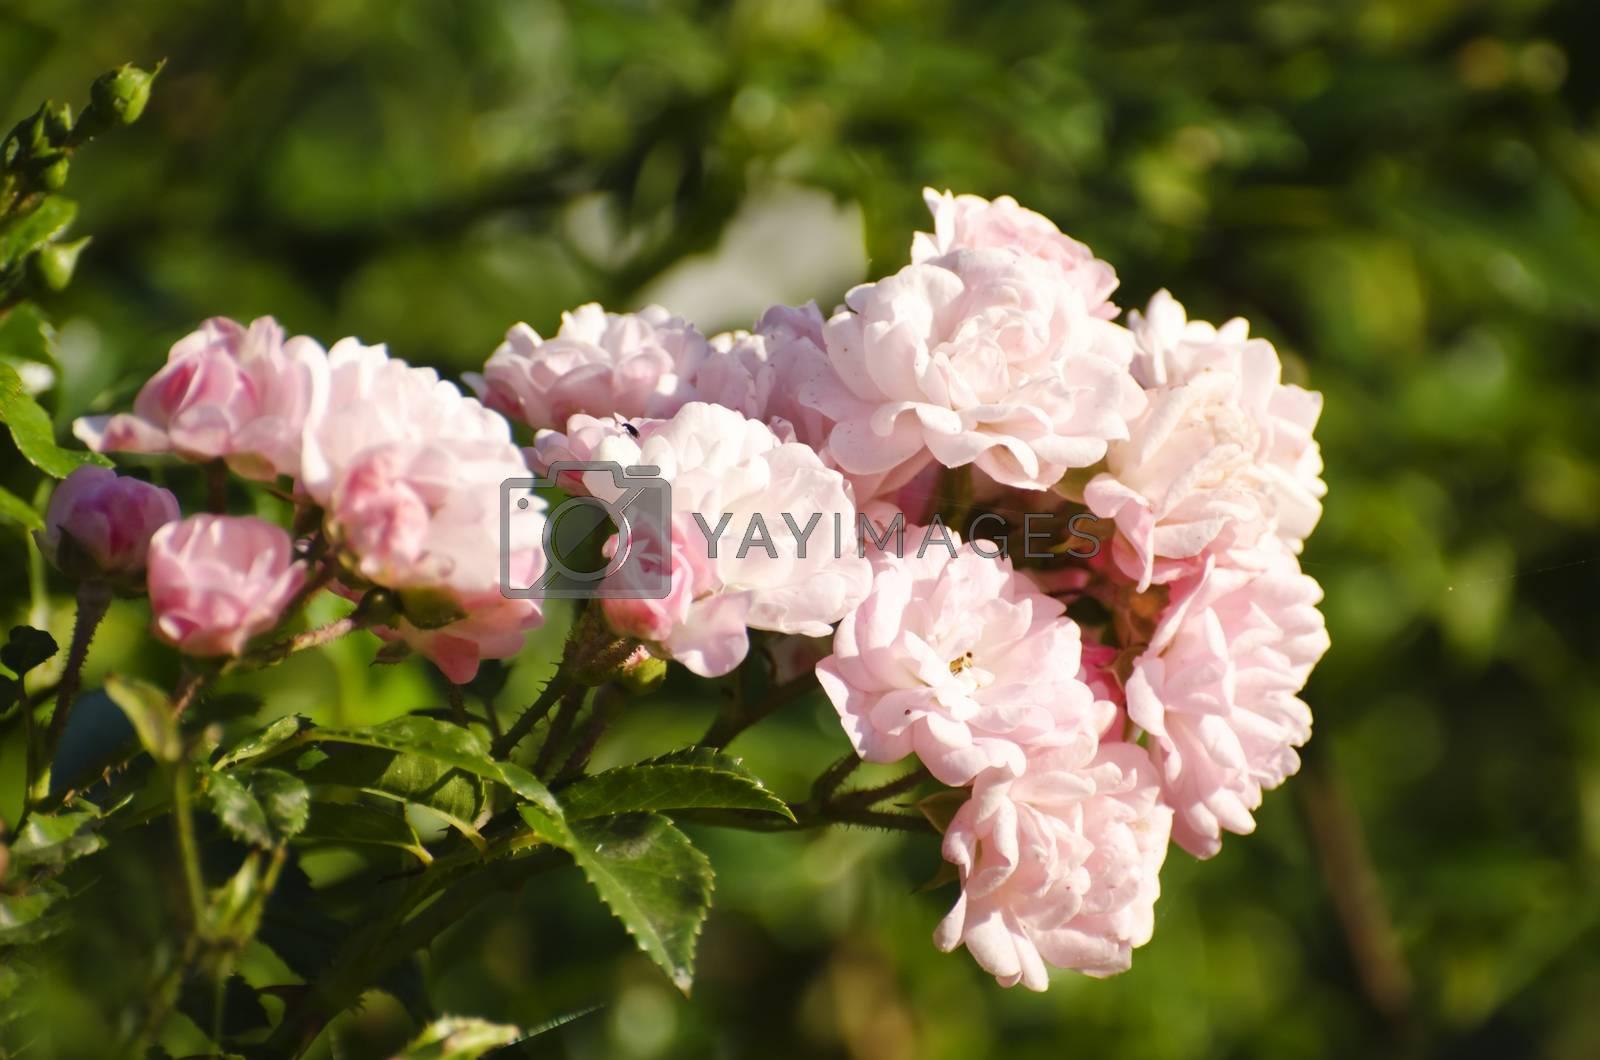 Royalty free image of Rose Flower by razvodovska